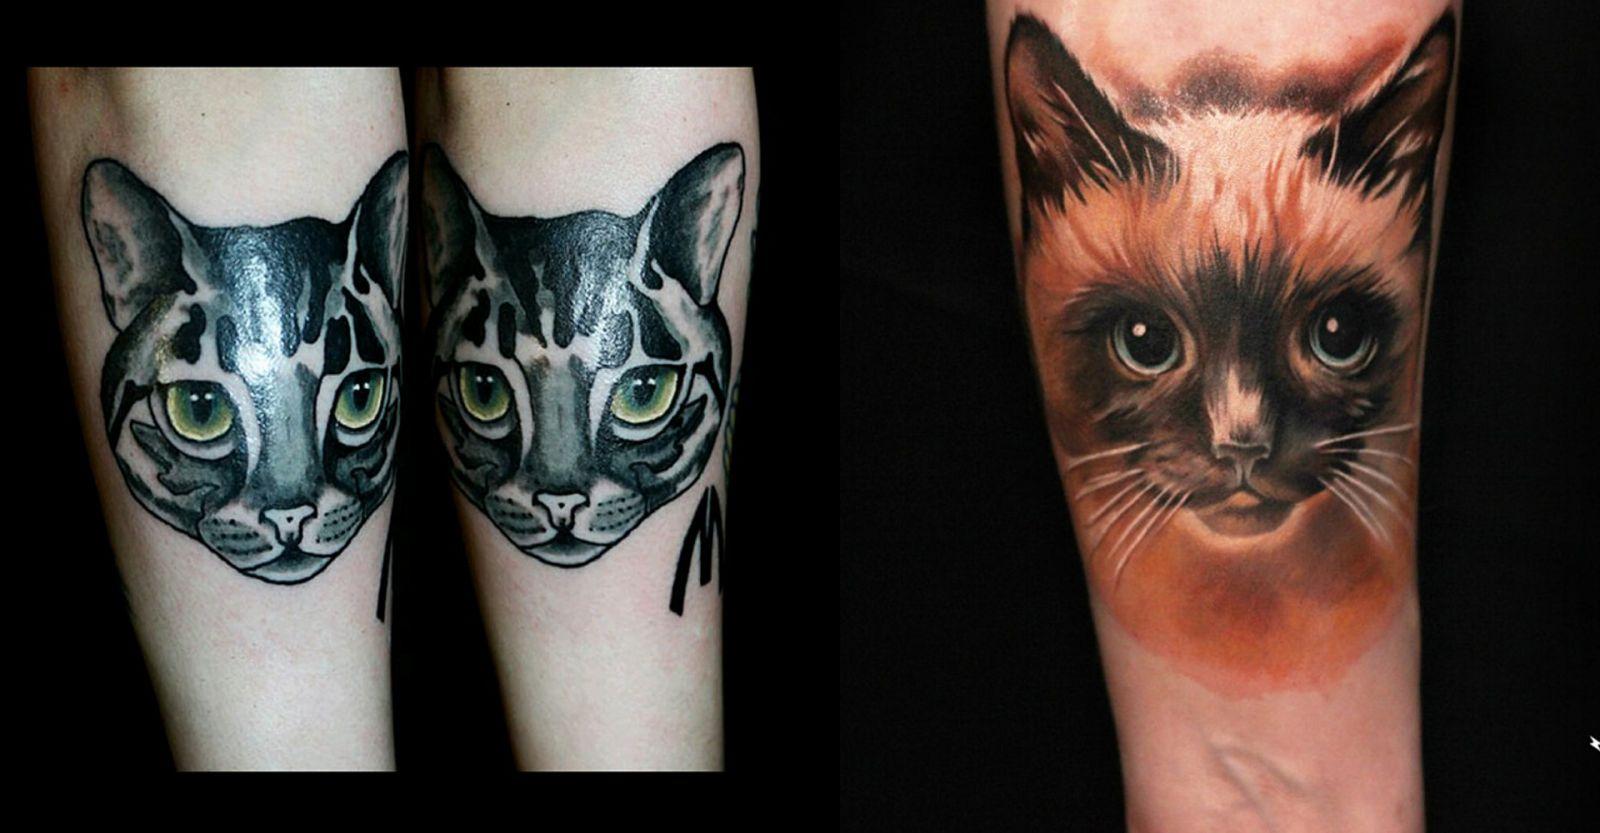 Варианты цветных татуировок с кошачьими головами